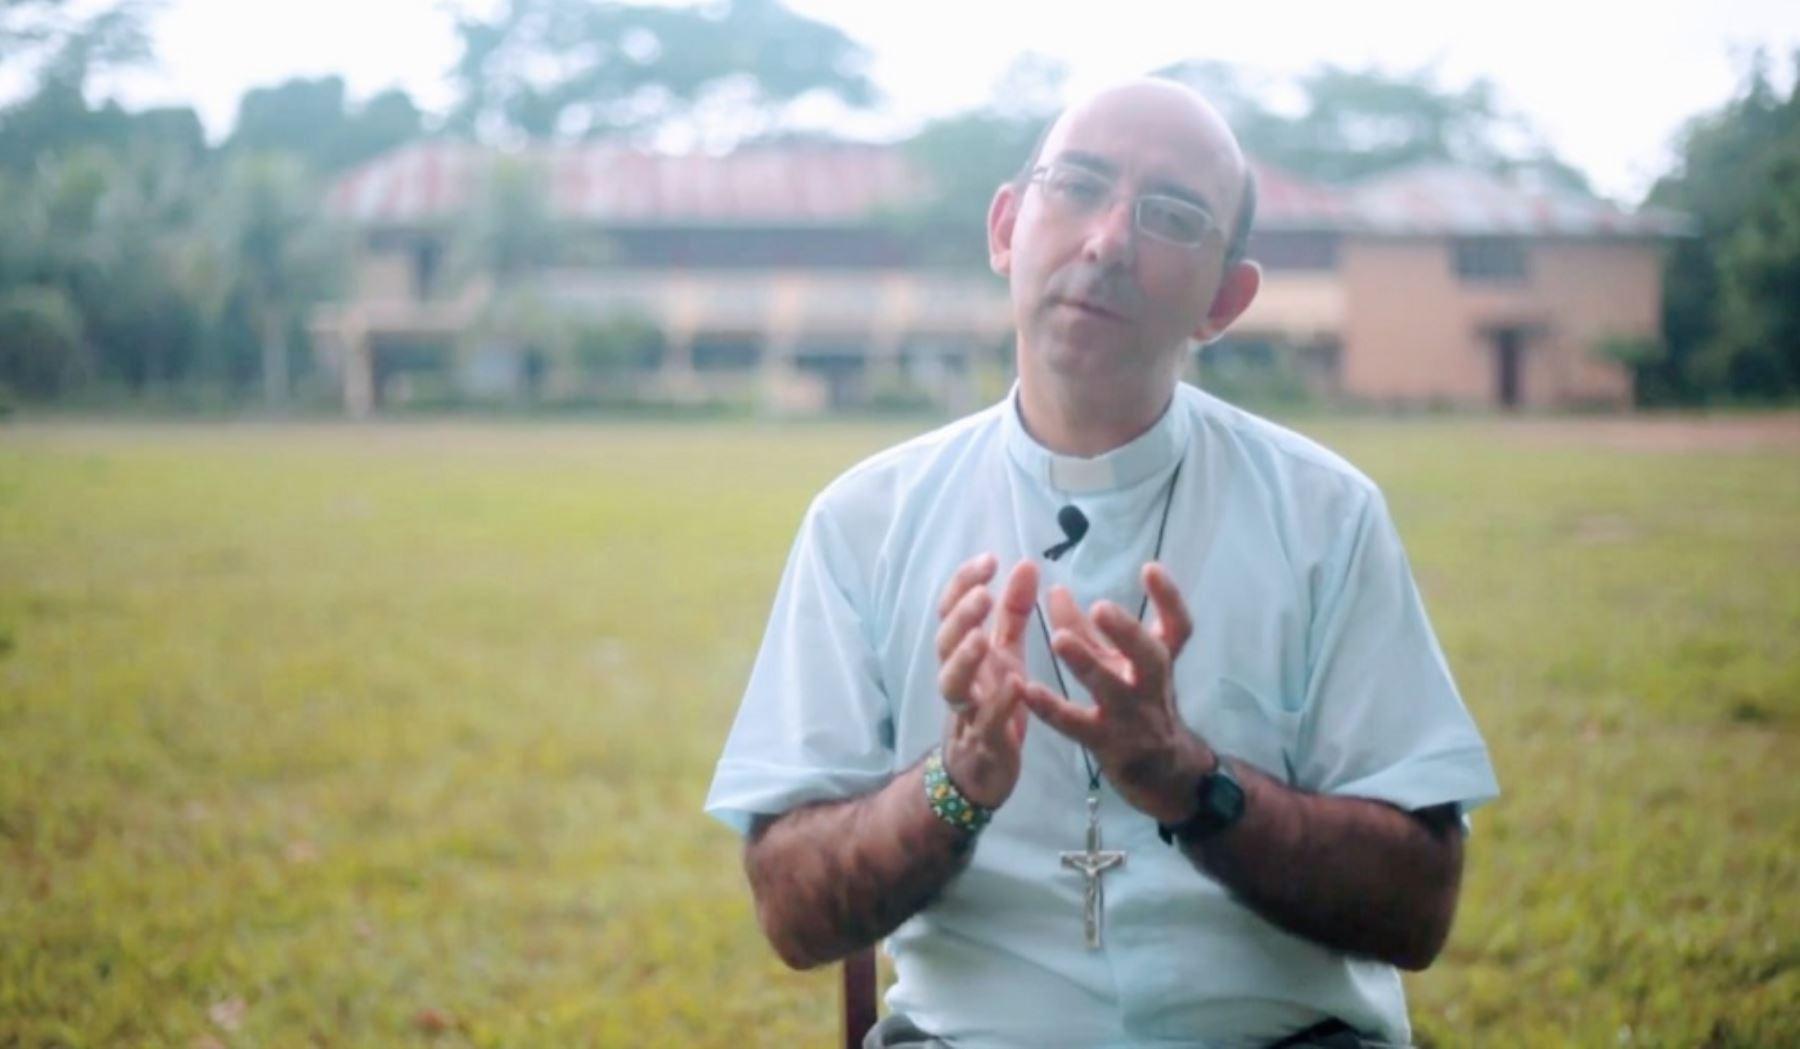 vicario apostólico de Puerto Maldonado, monseñor David Martínez de Aguirre Guinea